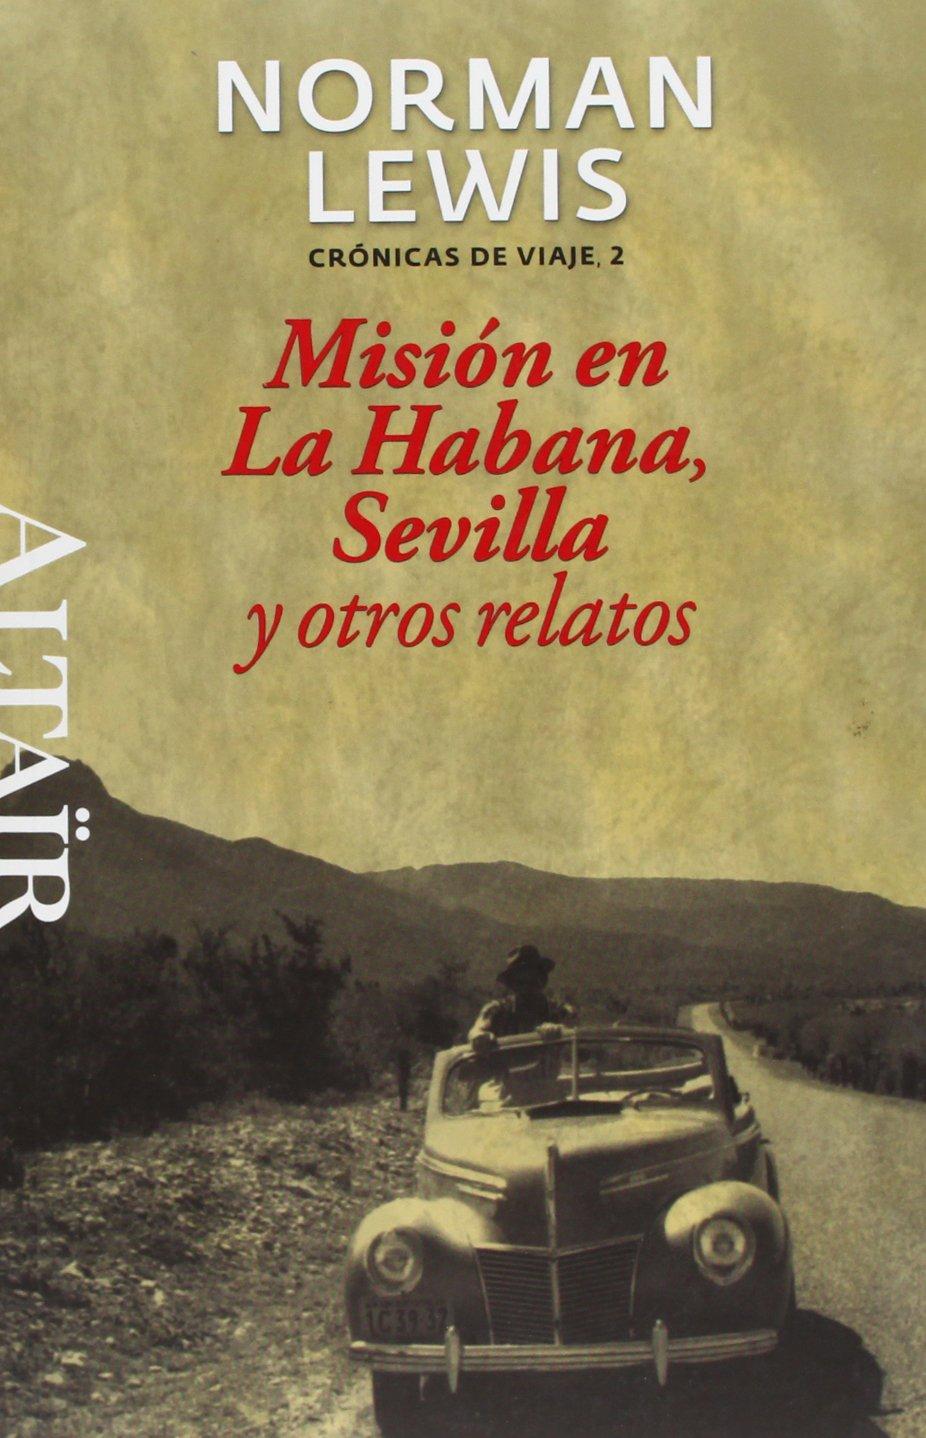 Misión en La Habana, Sevilla y otros relatos: Crónicas de Viaje, 2 (HETERODOXOS) Tapa blanda – 10 jun 2011 Norman Lewis Nuria Salinas Villar ALTAIR 8493755567